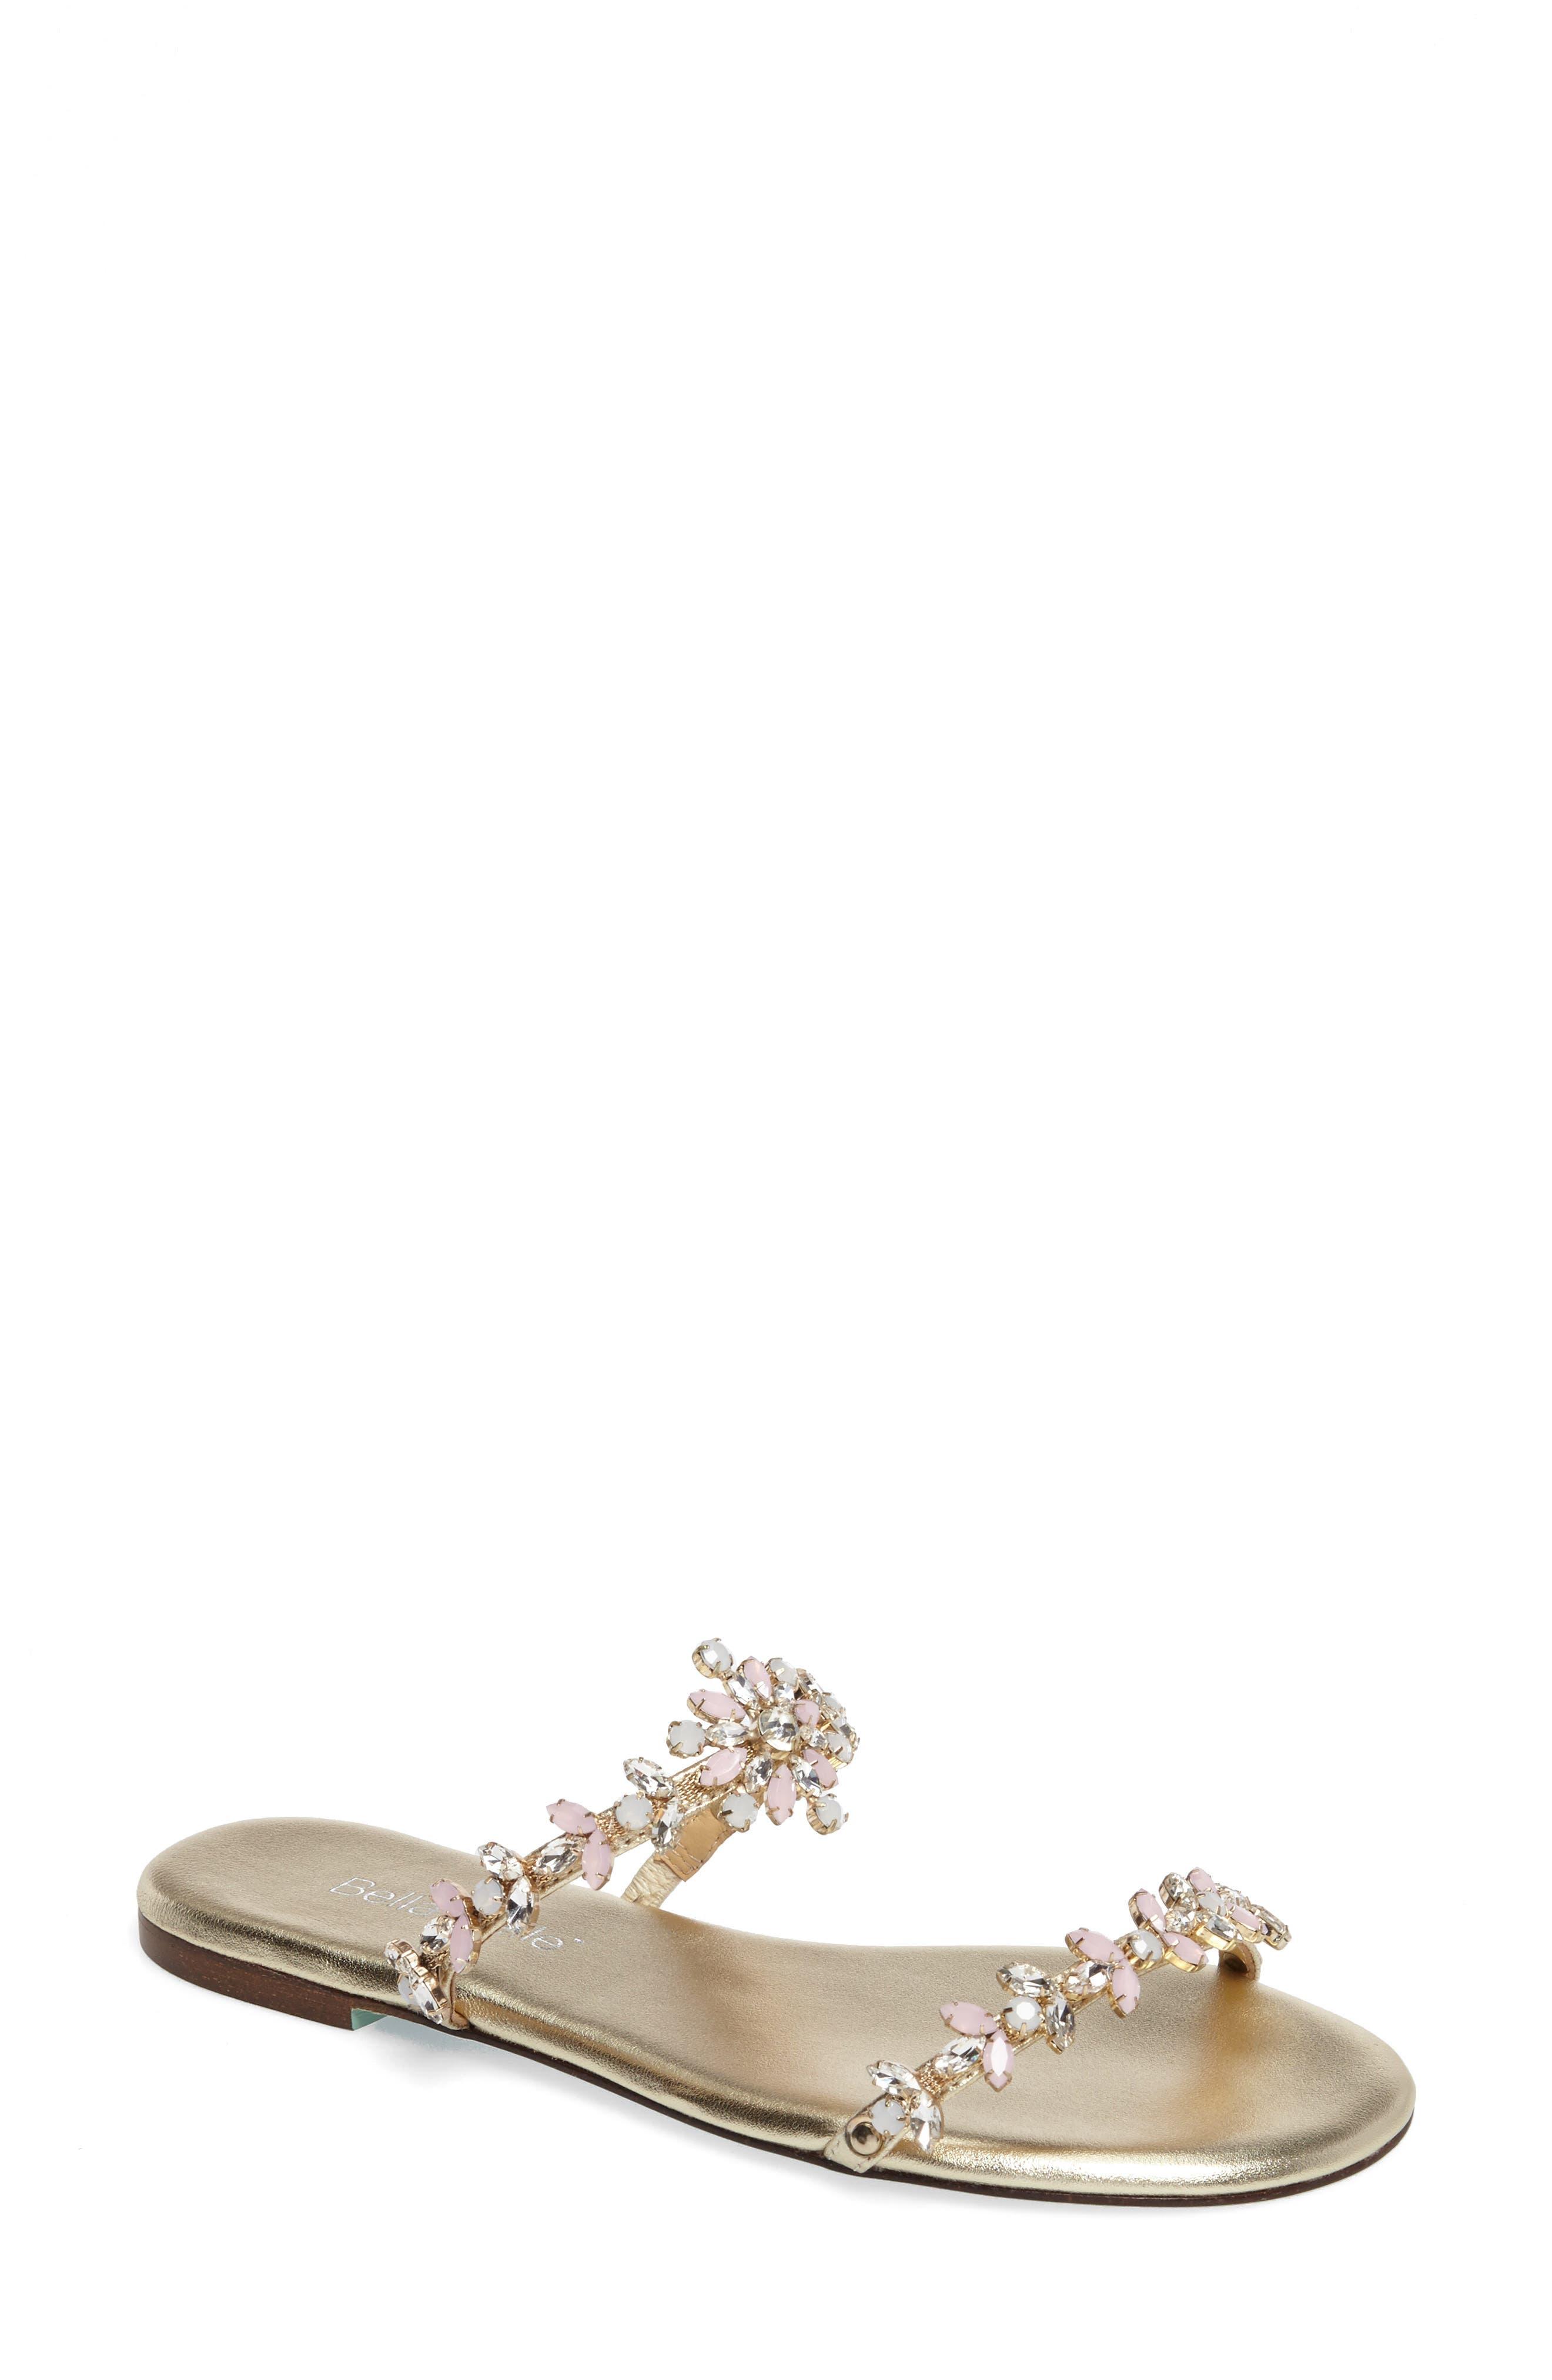 Jules Slide Sandal,                         Main,                         color, Soft Gold Leather